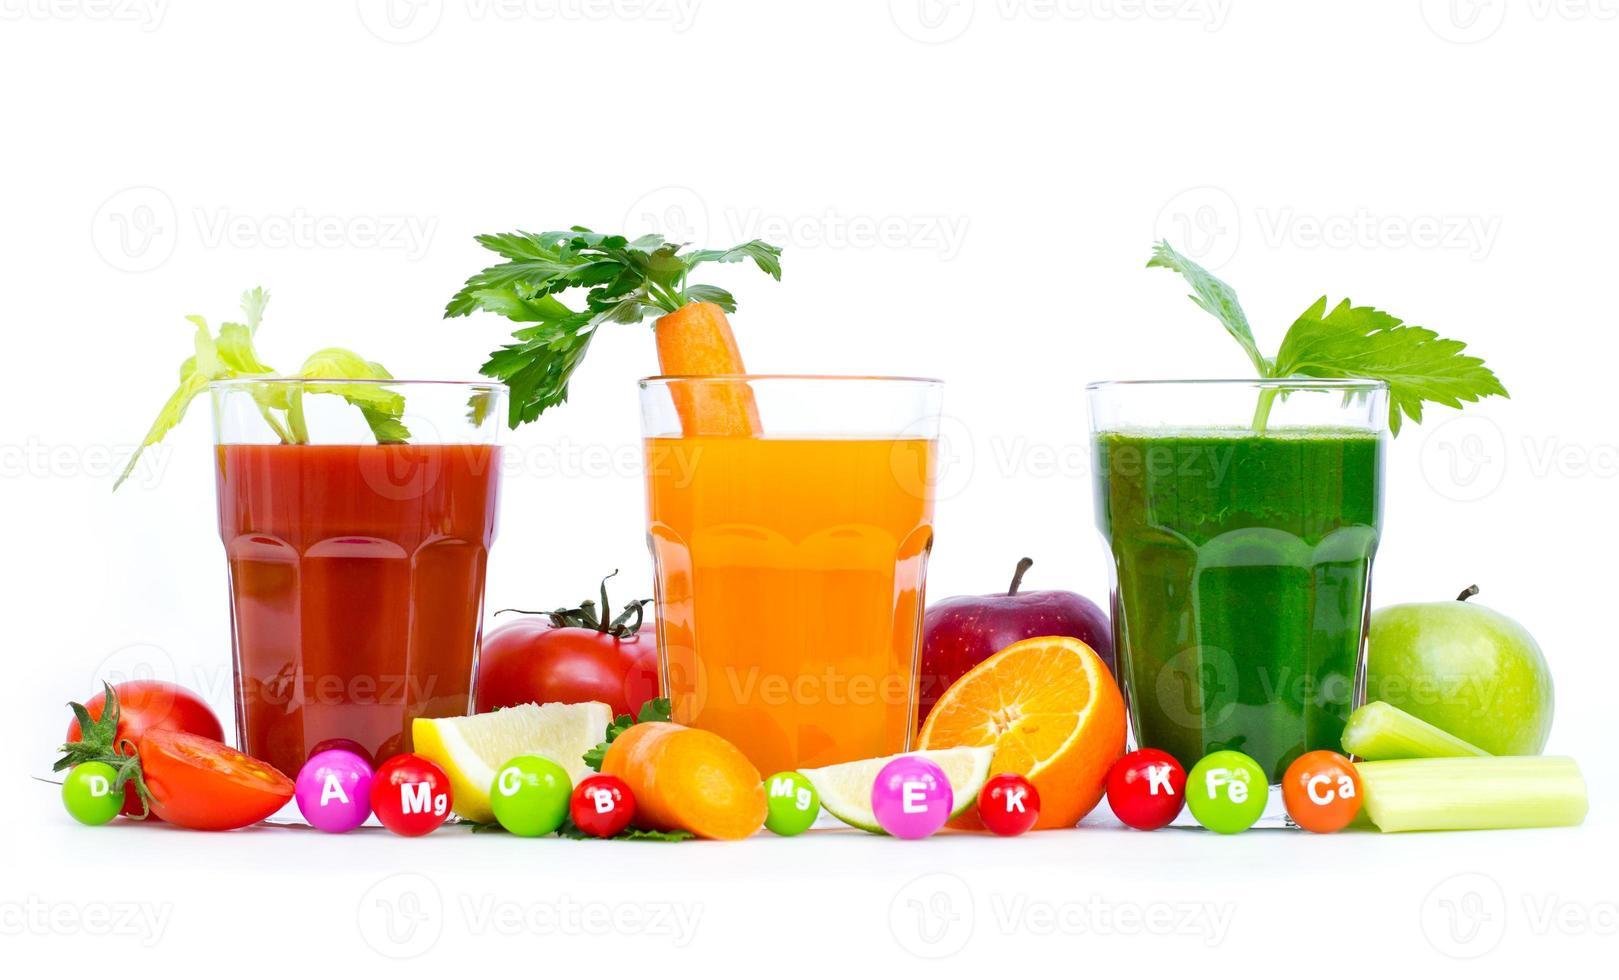 färska, ekologiska frukt- och grönsakssaft foto